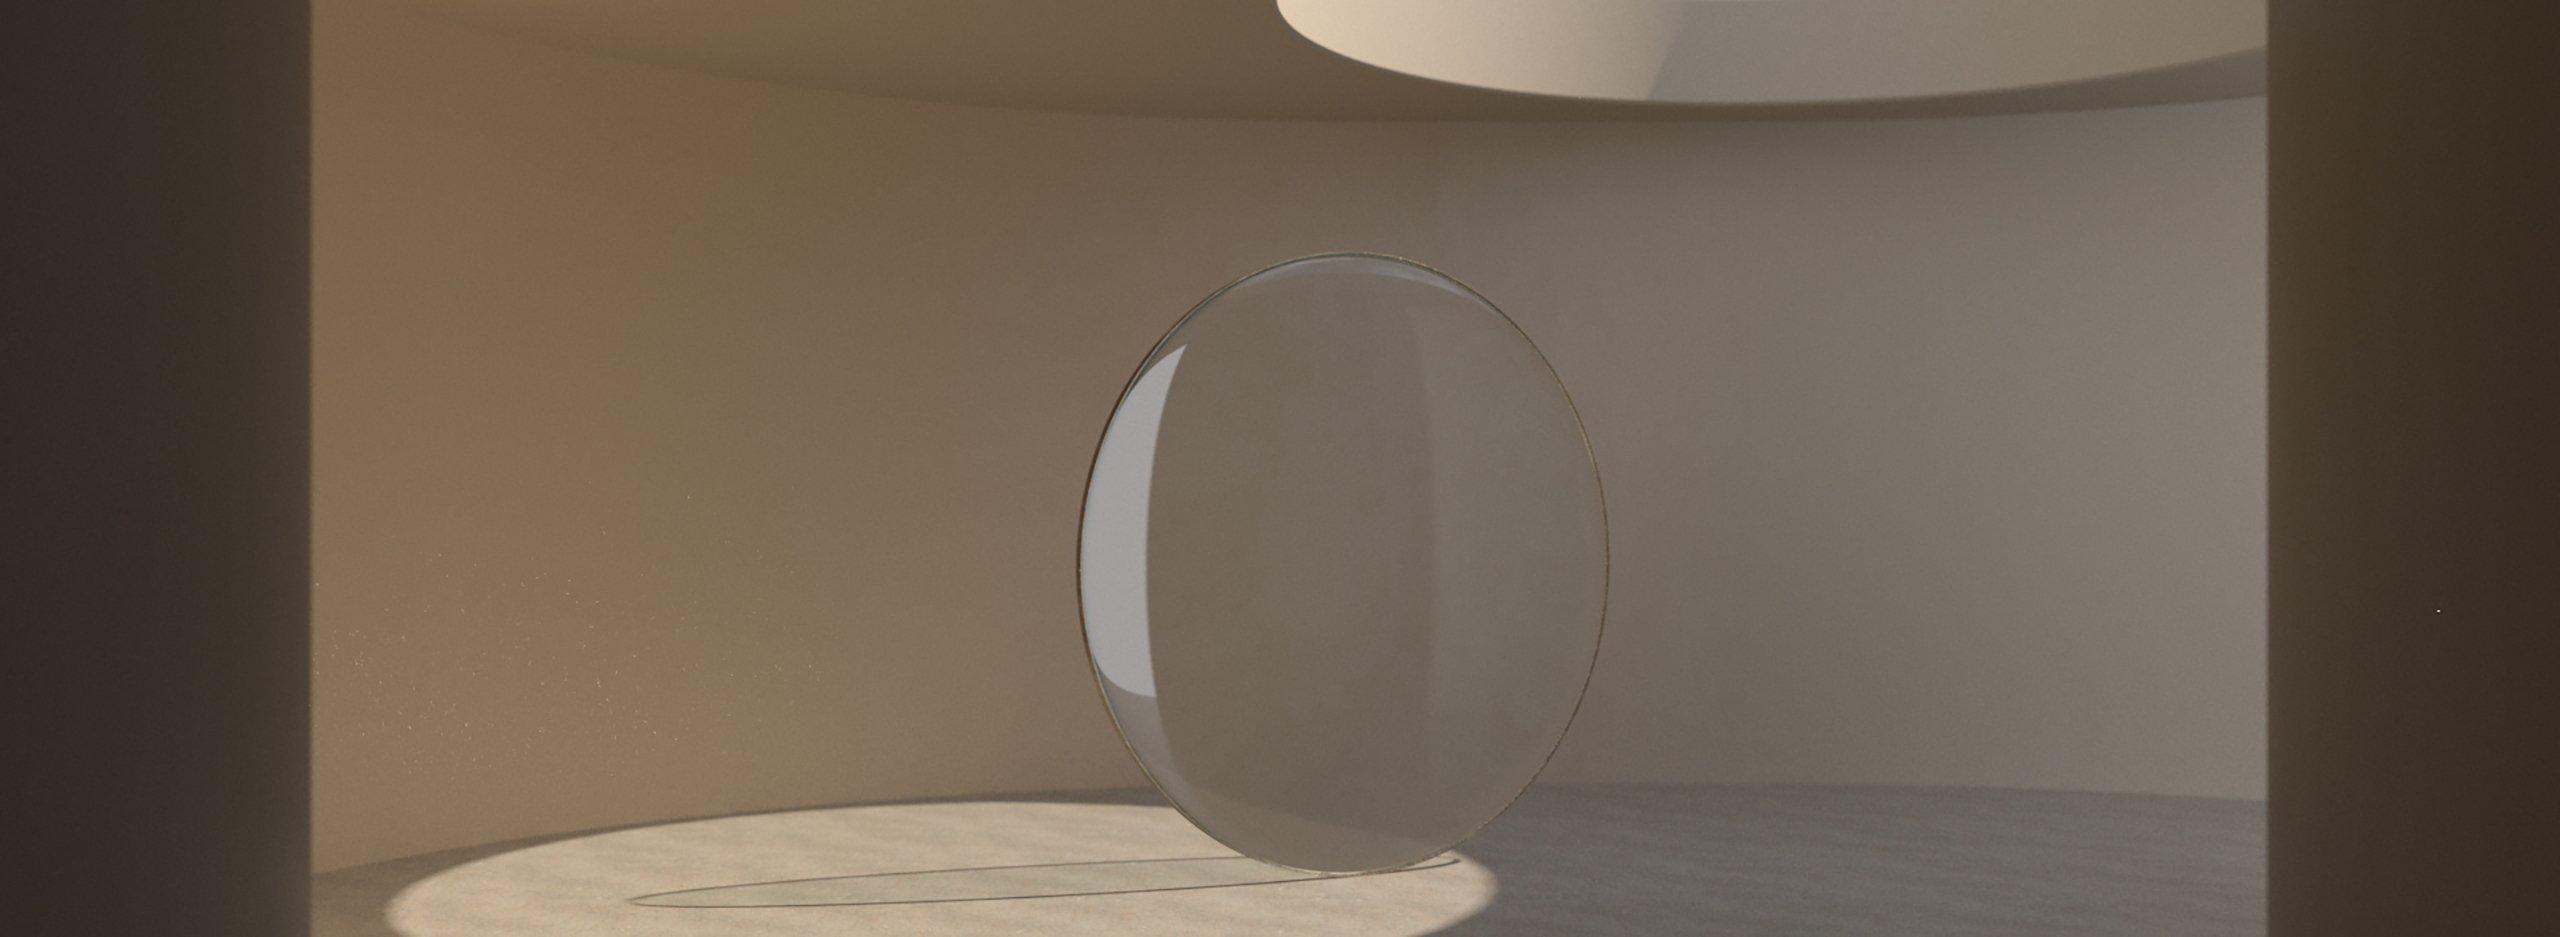 Spinning glass